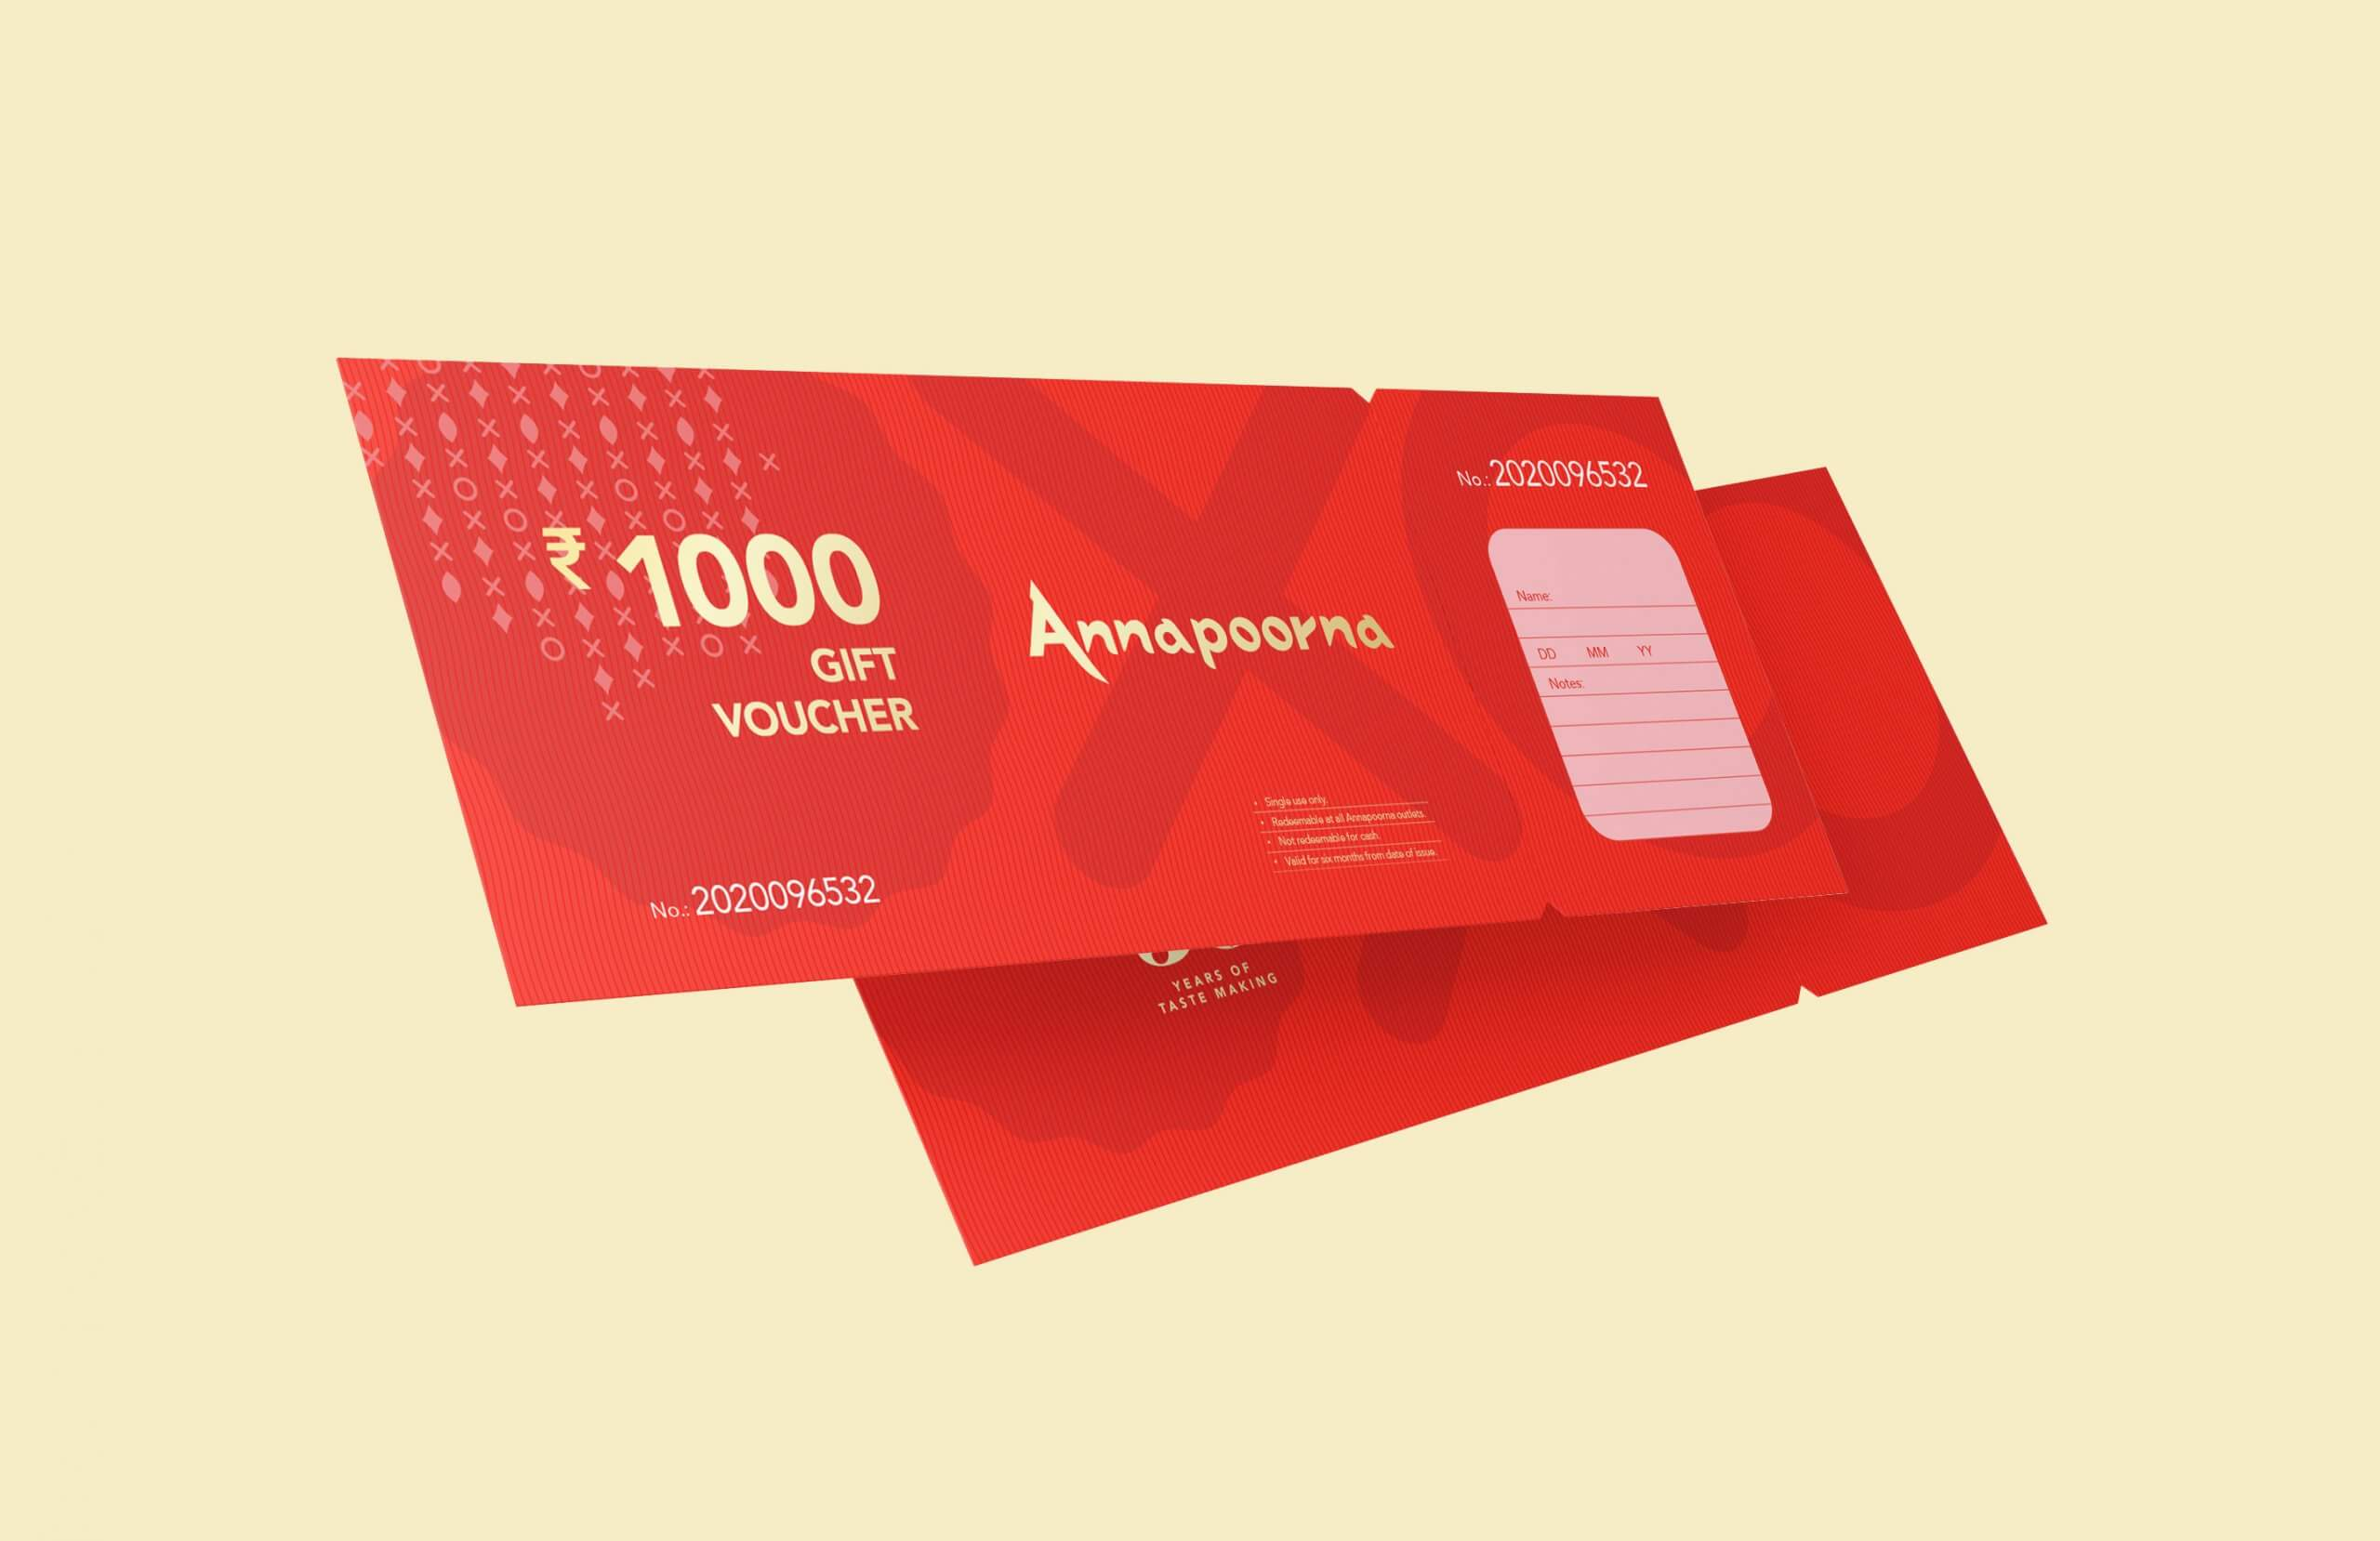 Annapoorna-Gift-Voucher-1000_2020